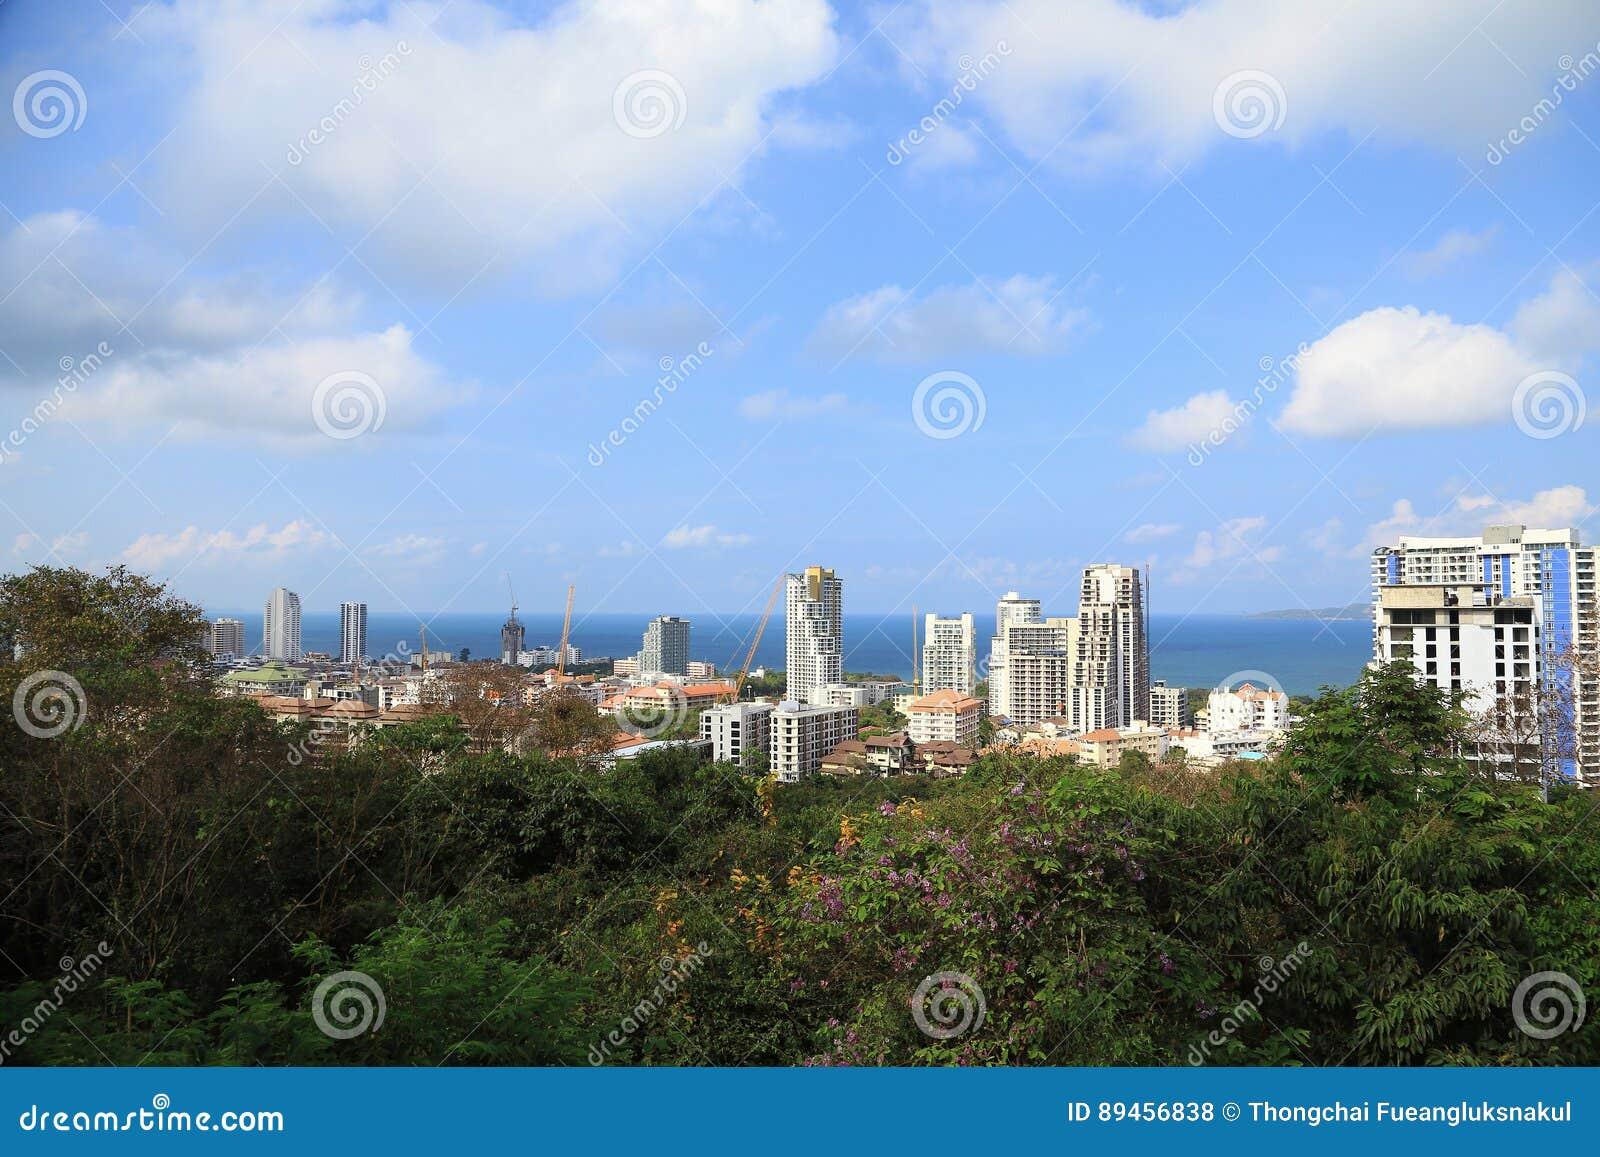 Paisaje de edificios con el mar y cielo azul y nube